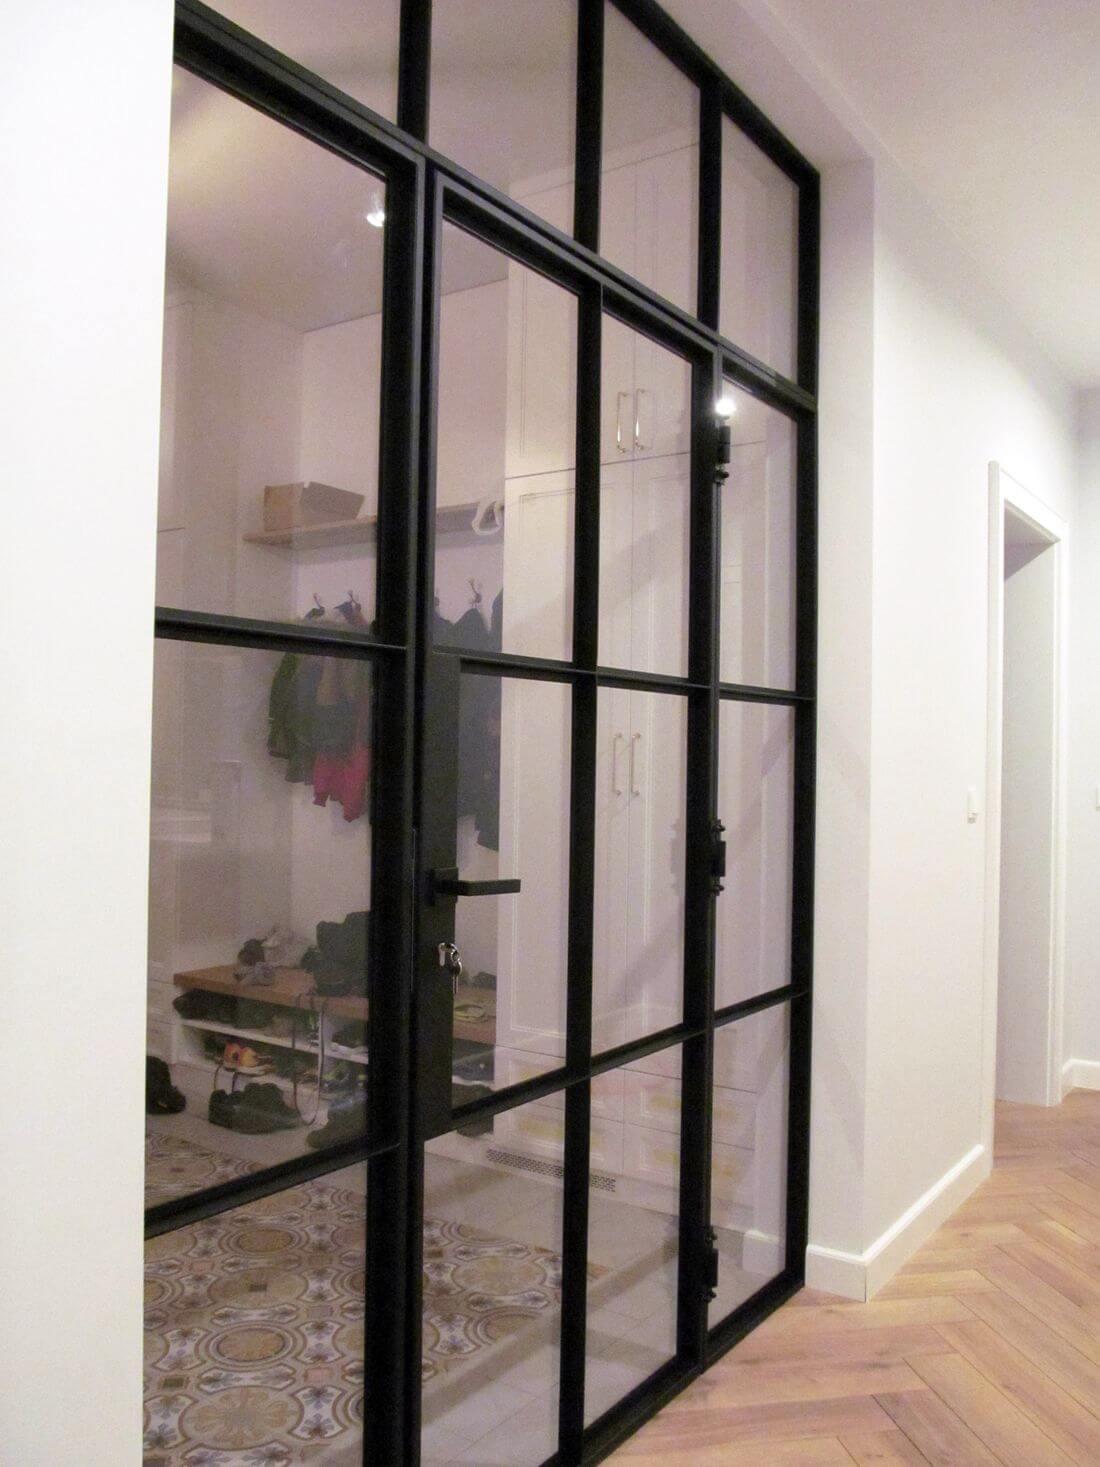 Glass Swing Loft Doors with Loft Walls - view from corridor to closed door